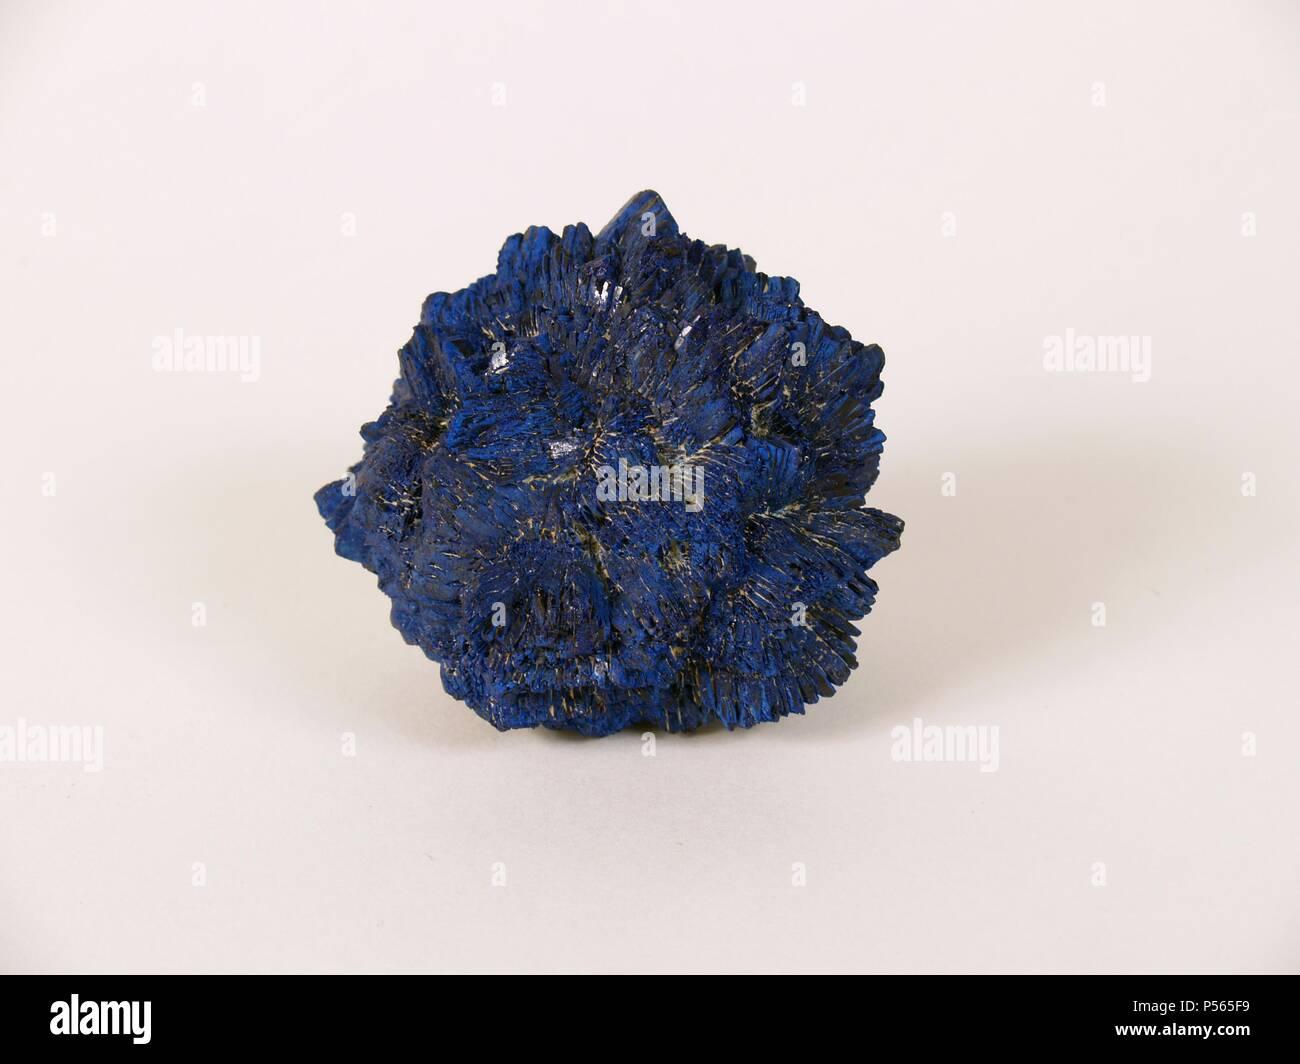 AZURITA. Carbonato básico de cobre de bello color azul, cristalizado en el sistema monoclínico. Se encuentra en los yacimientos cupríferos. Foto de stock